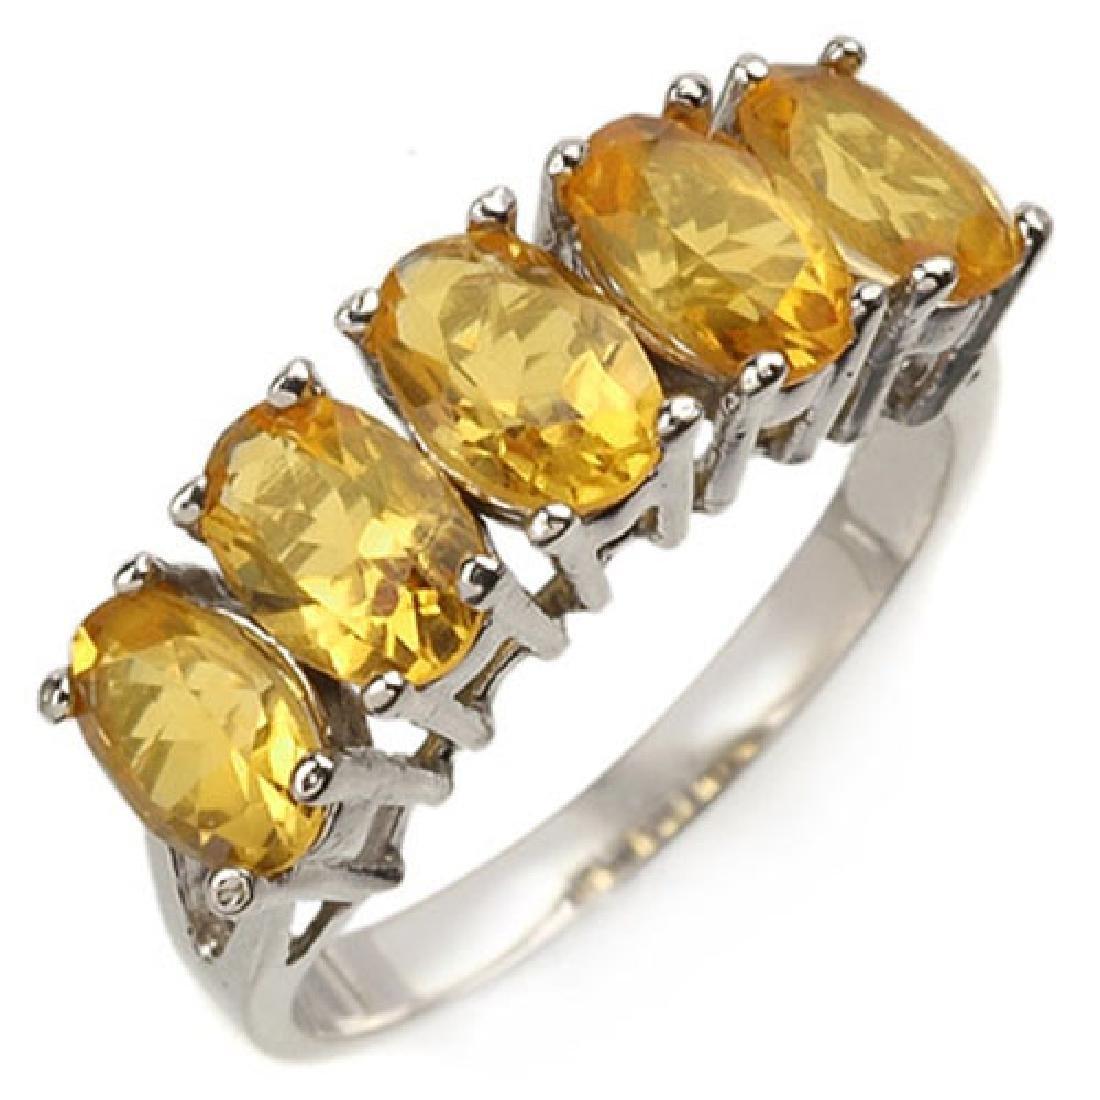 2.0 CTW Citrine Ring 10K White Gold